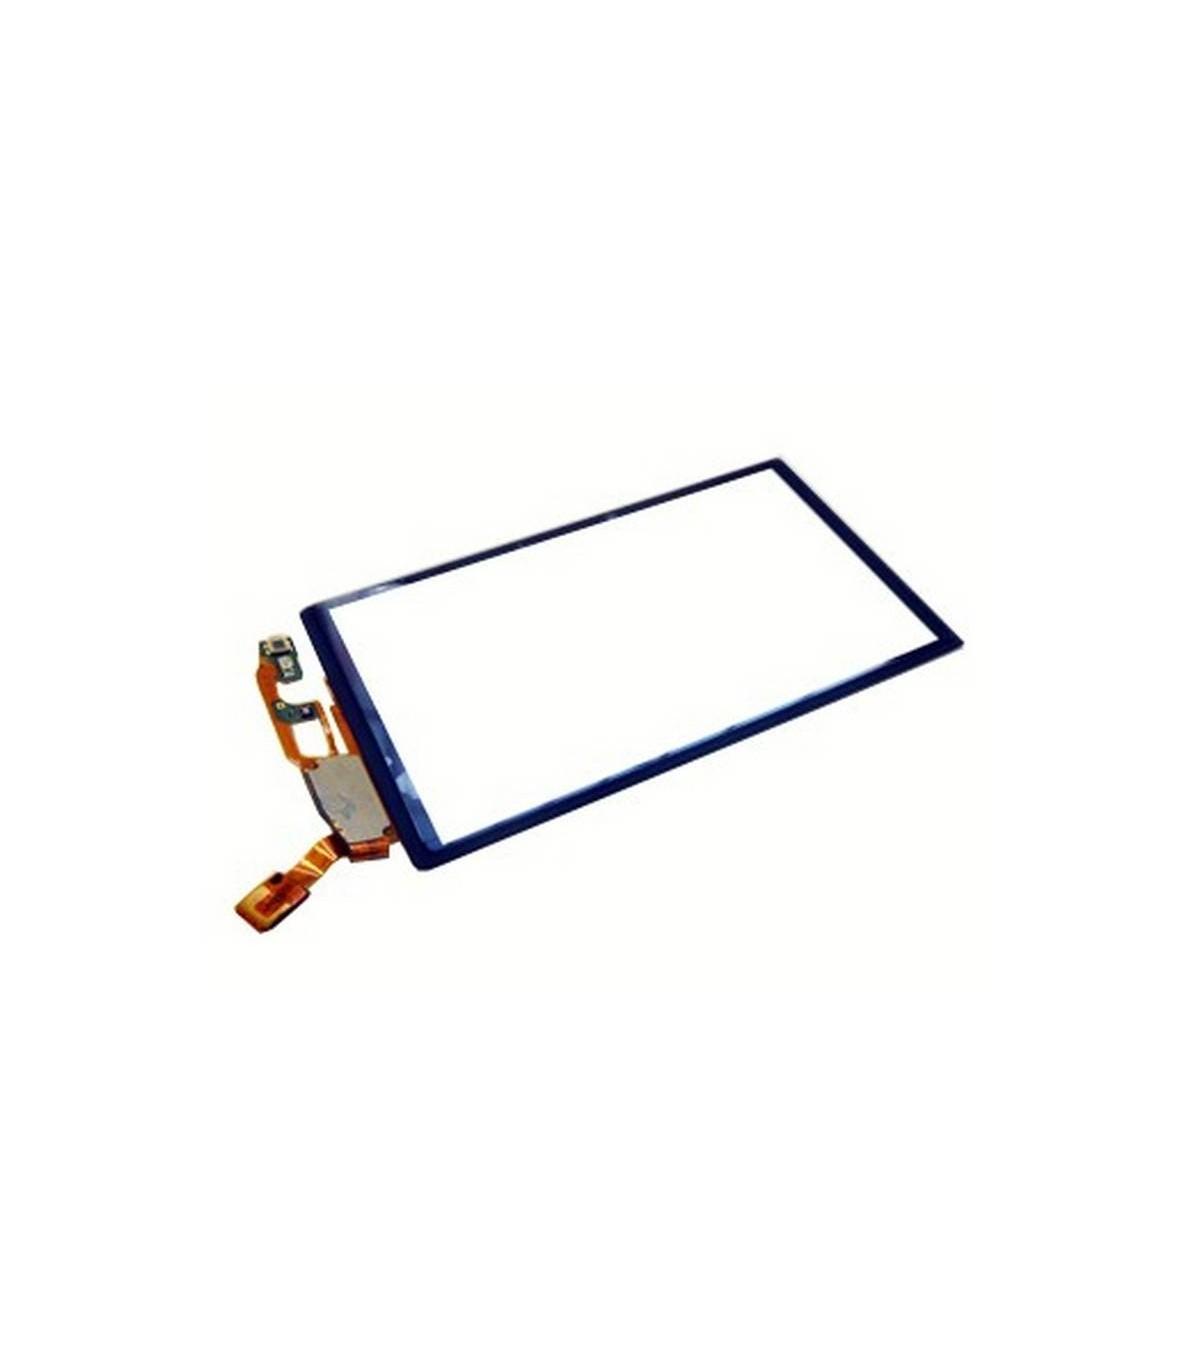 Pantalla digitalizadora, ventana táctil cubre display de Sony Ericsson Xperia Neo MT15i, MT15a, MT11i Neo V